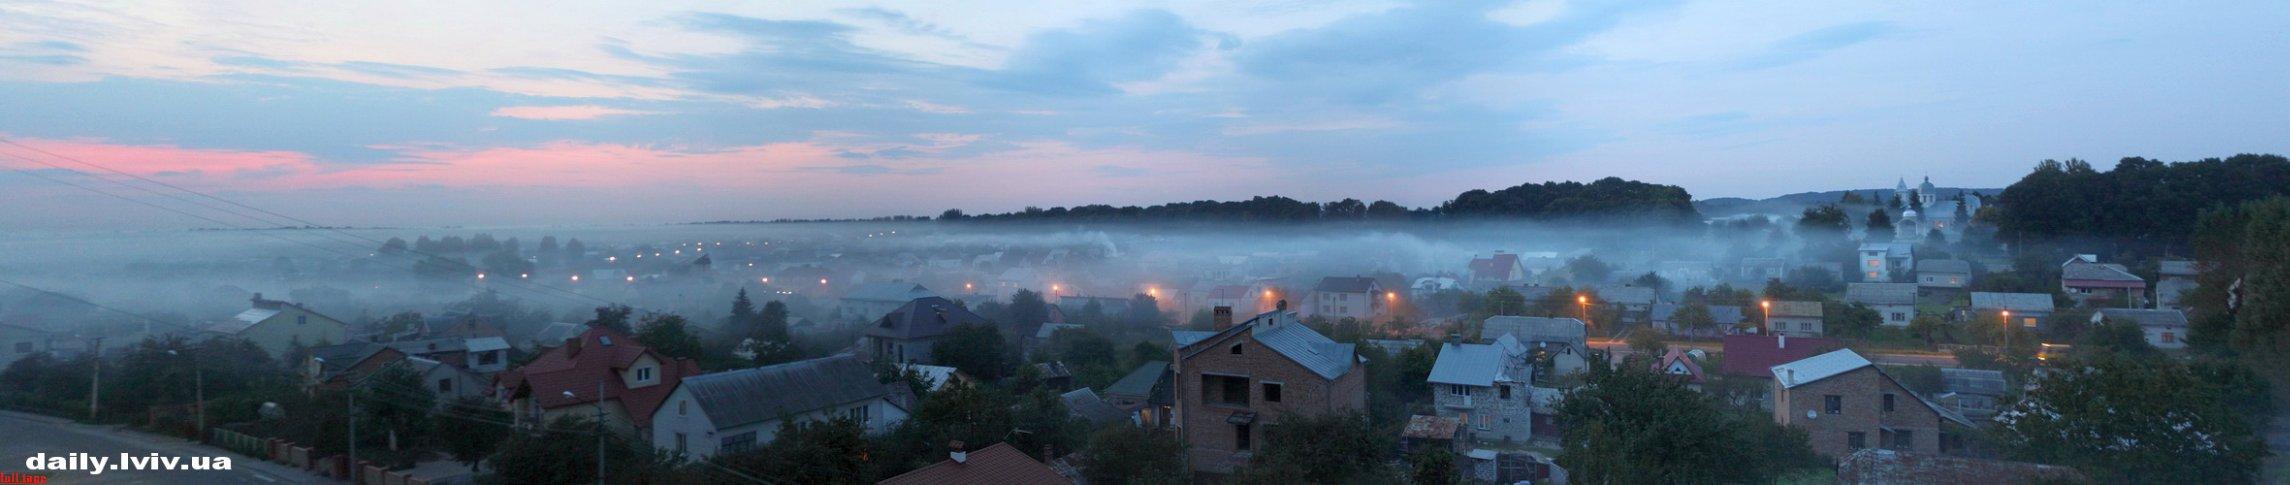 «Осенний туман». ФОТО